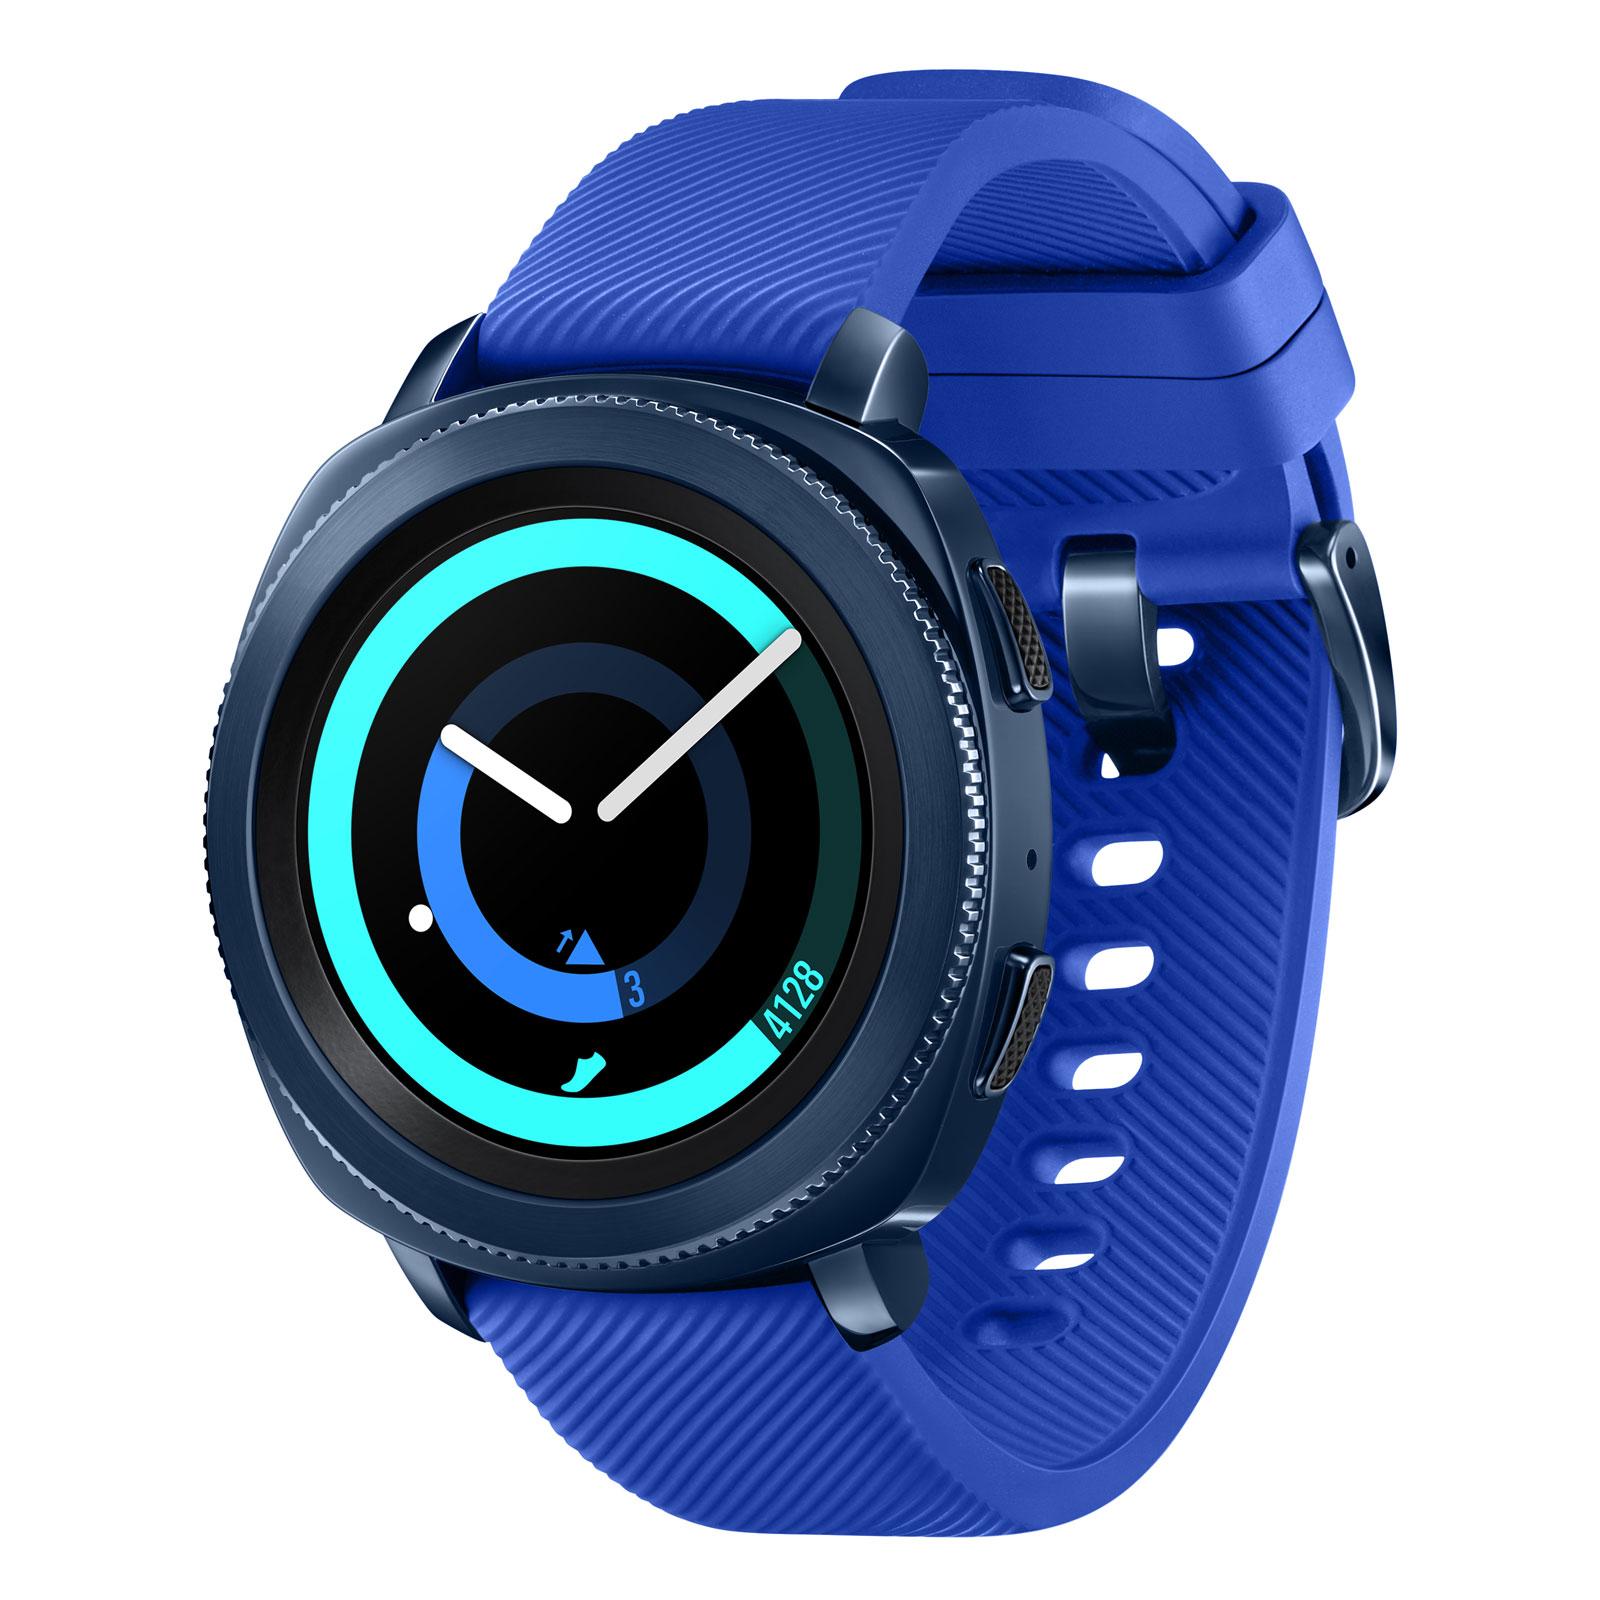 Montre connectée Samsung Gear Sport - Bleue (119,99€ pour les nouveaux clients avec le code BLCKFRD30)